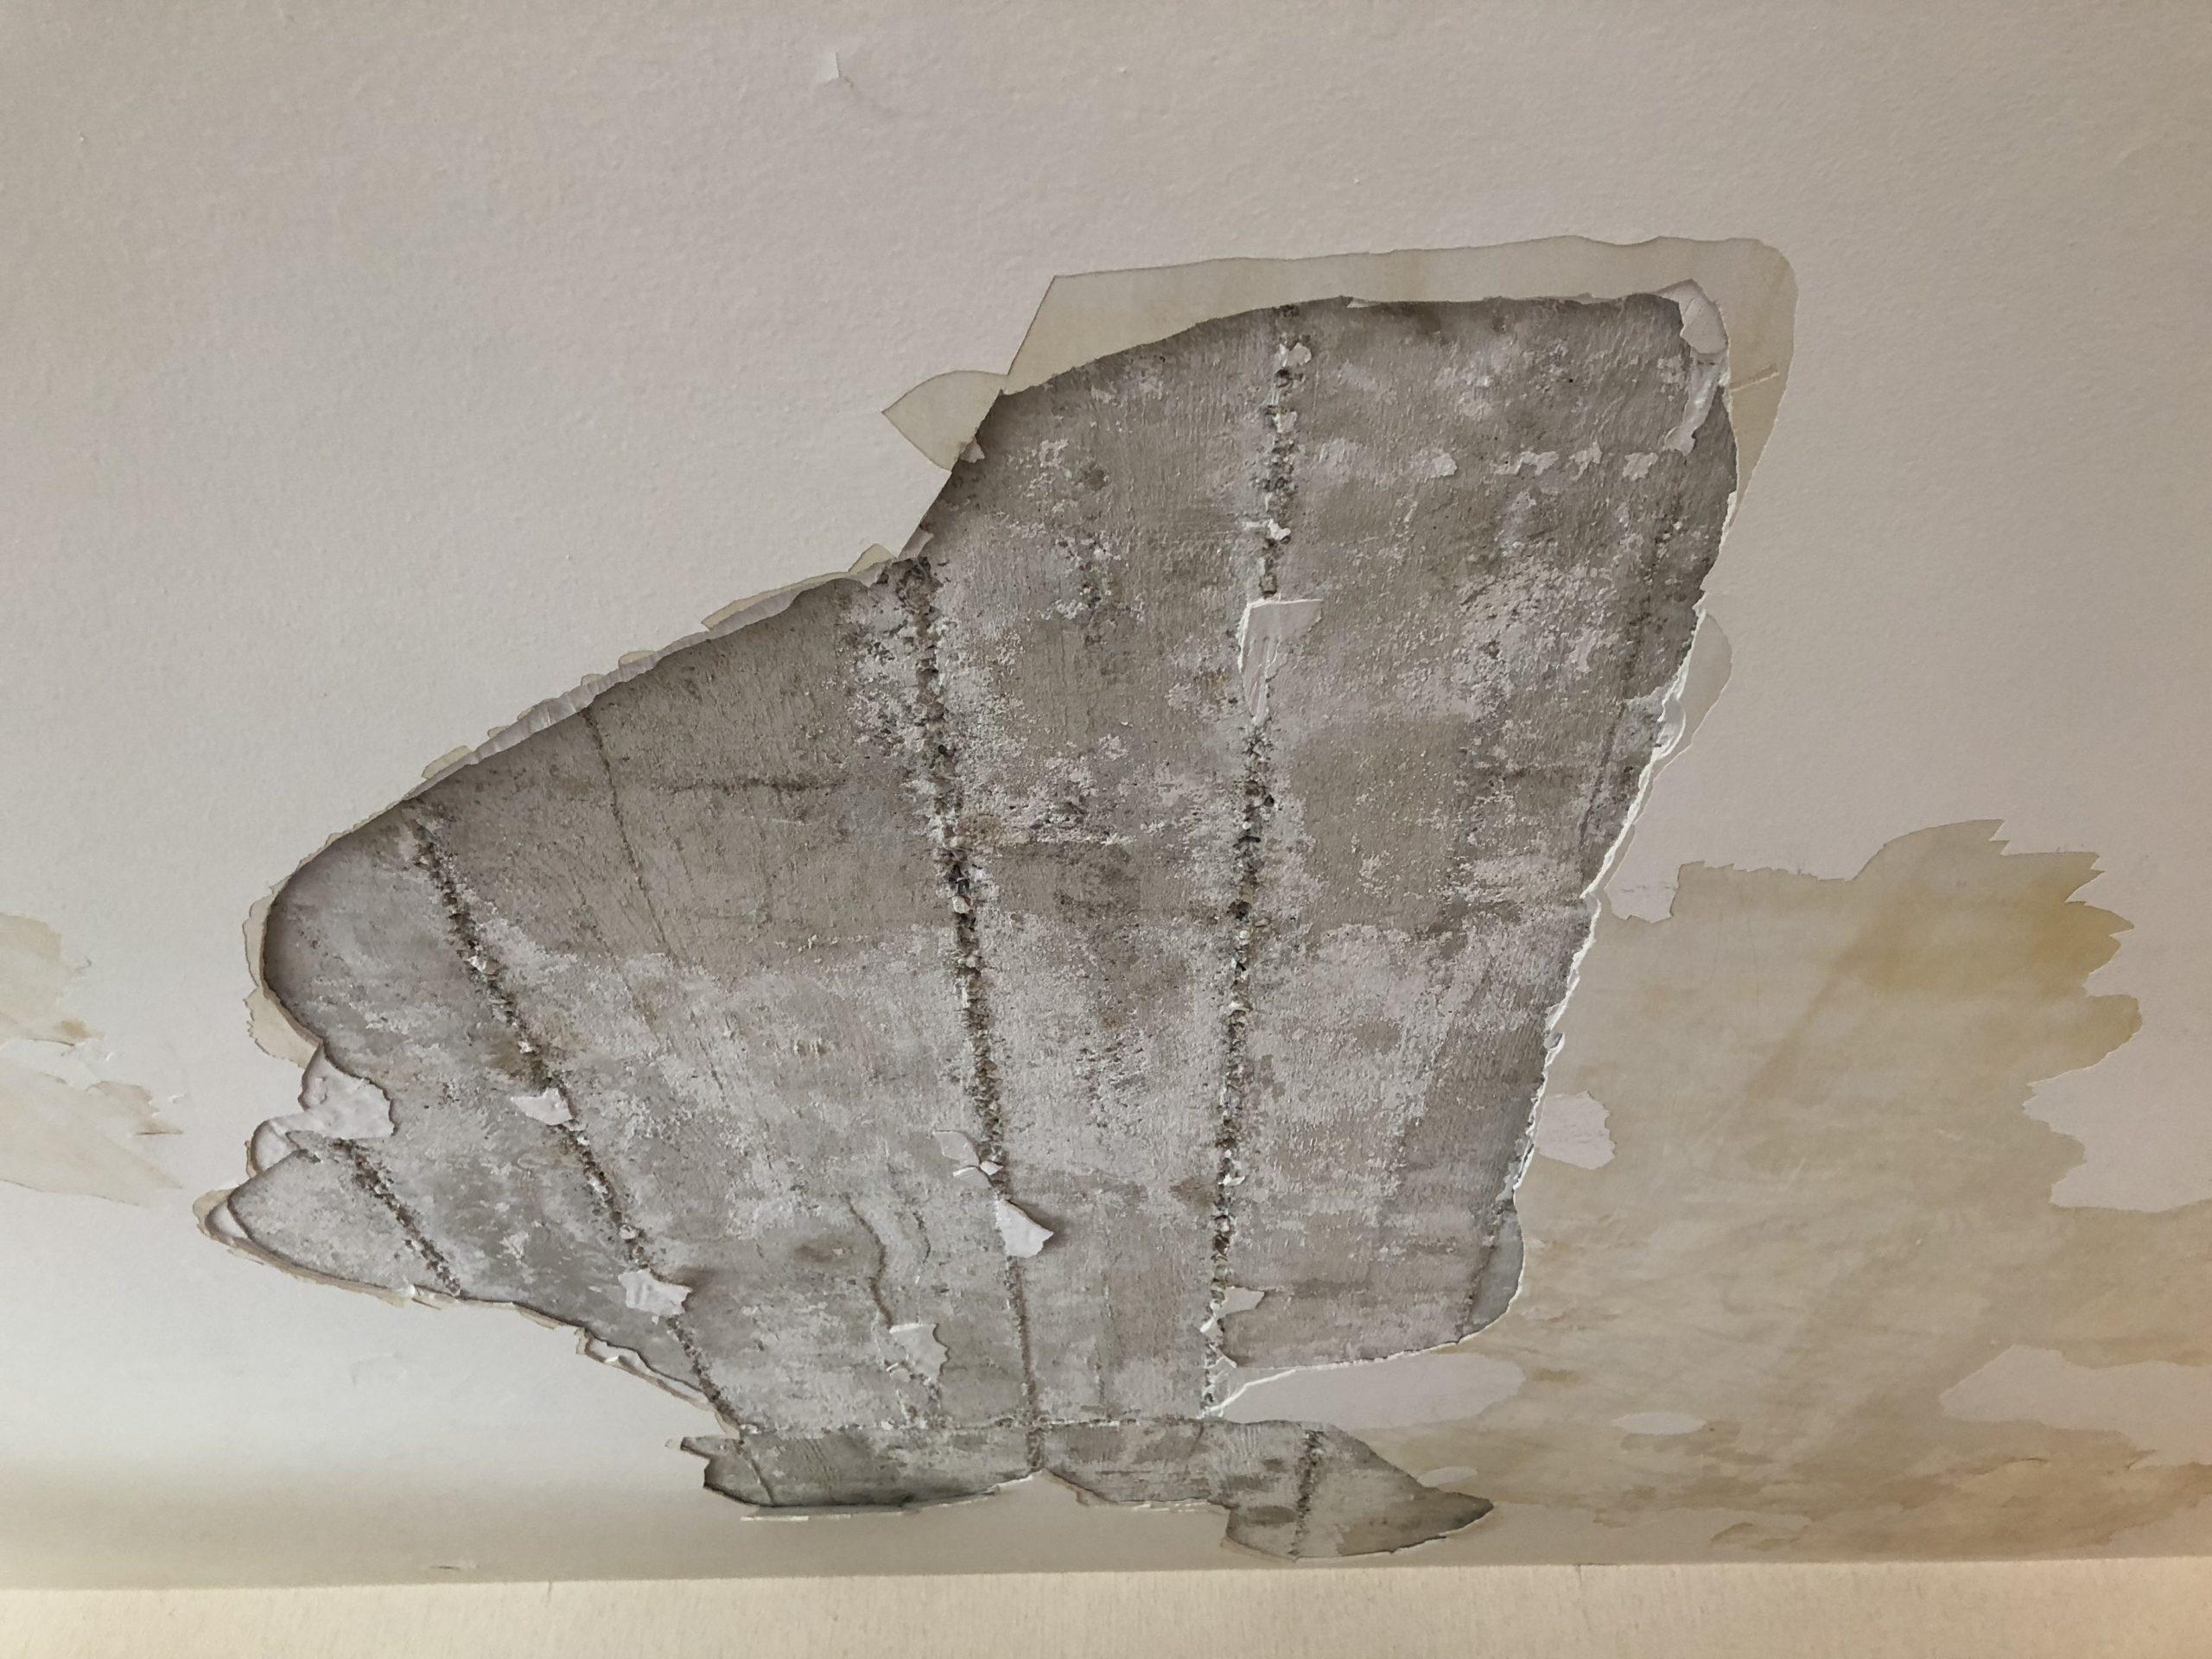 Le plâtre se décolle de la dalle en béton